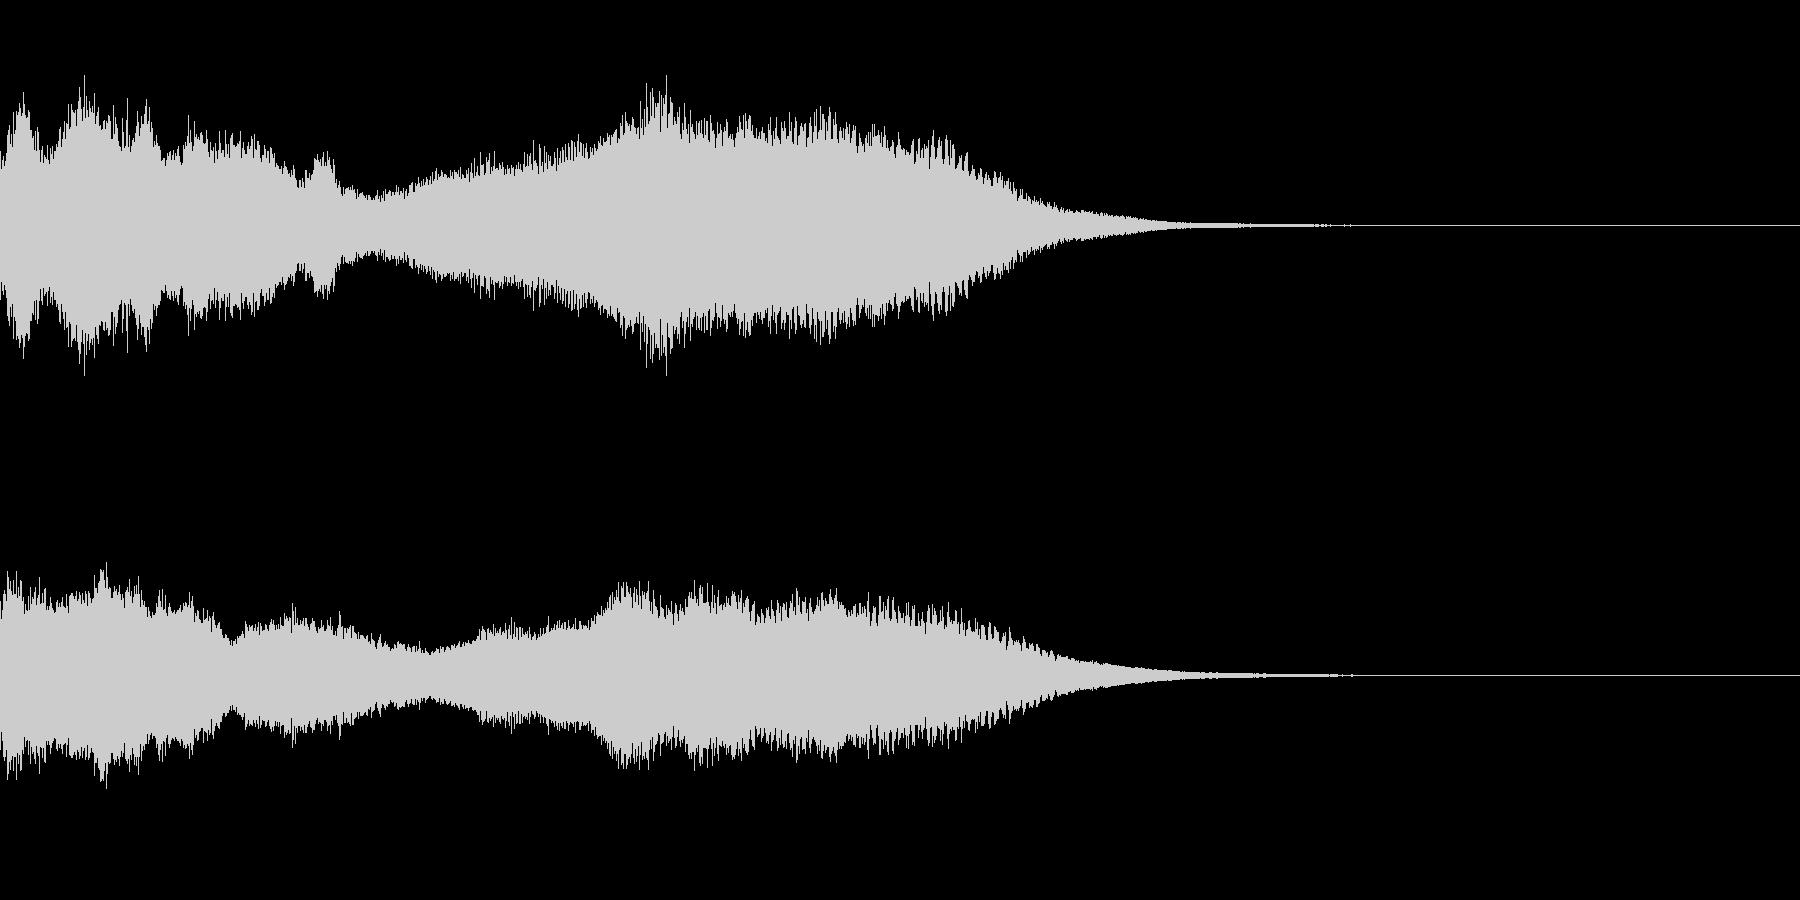 神社 結婚式の笛(笙)フレーズジングル1の未再生の波形